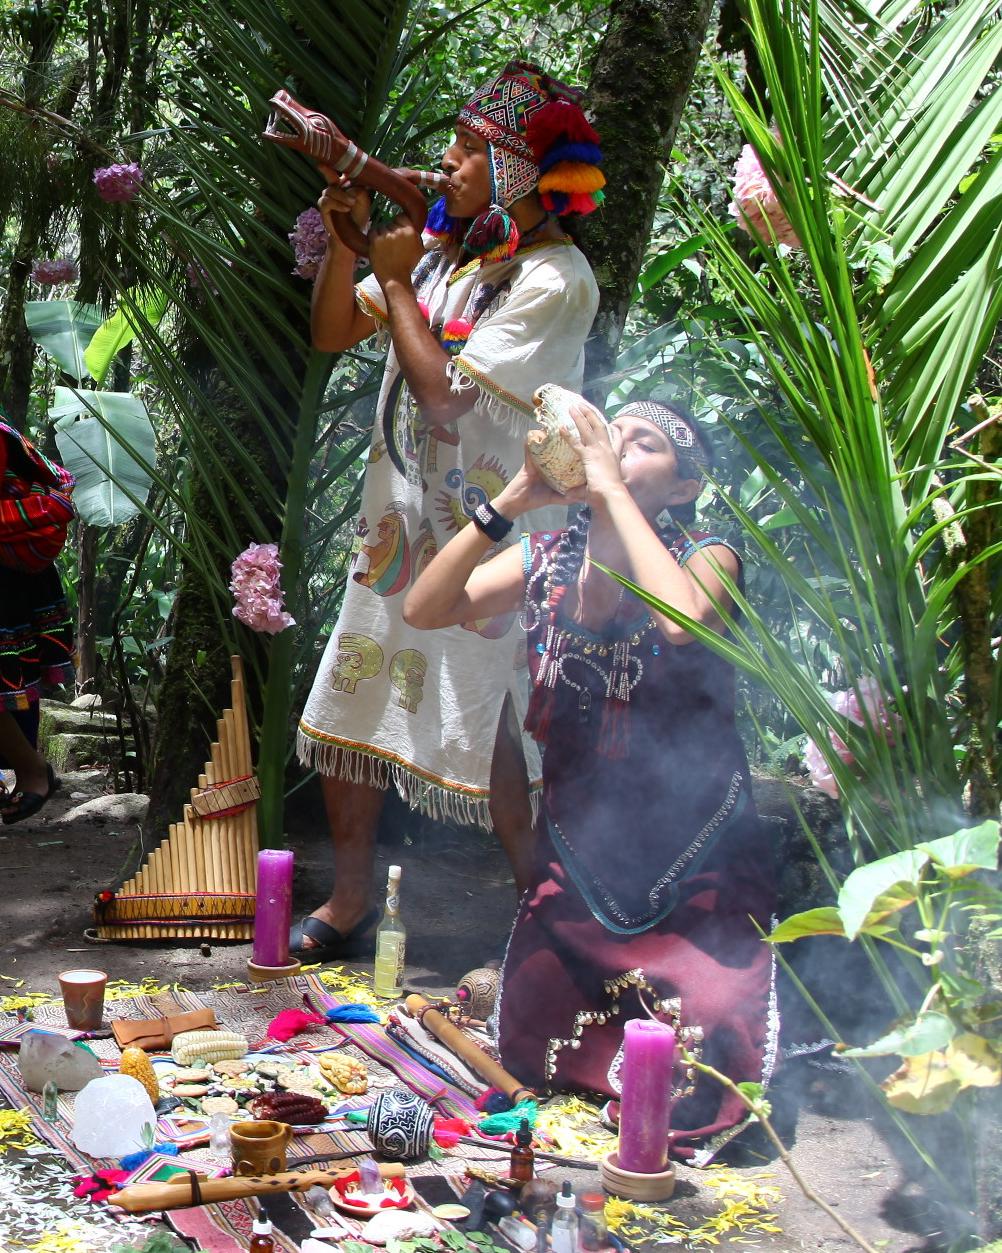 peru-location-scout-arac-masin-wedding-ceremony-0115.jpg